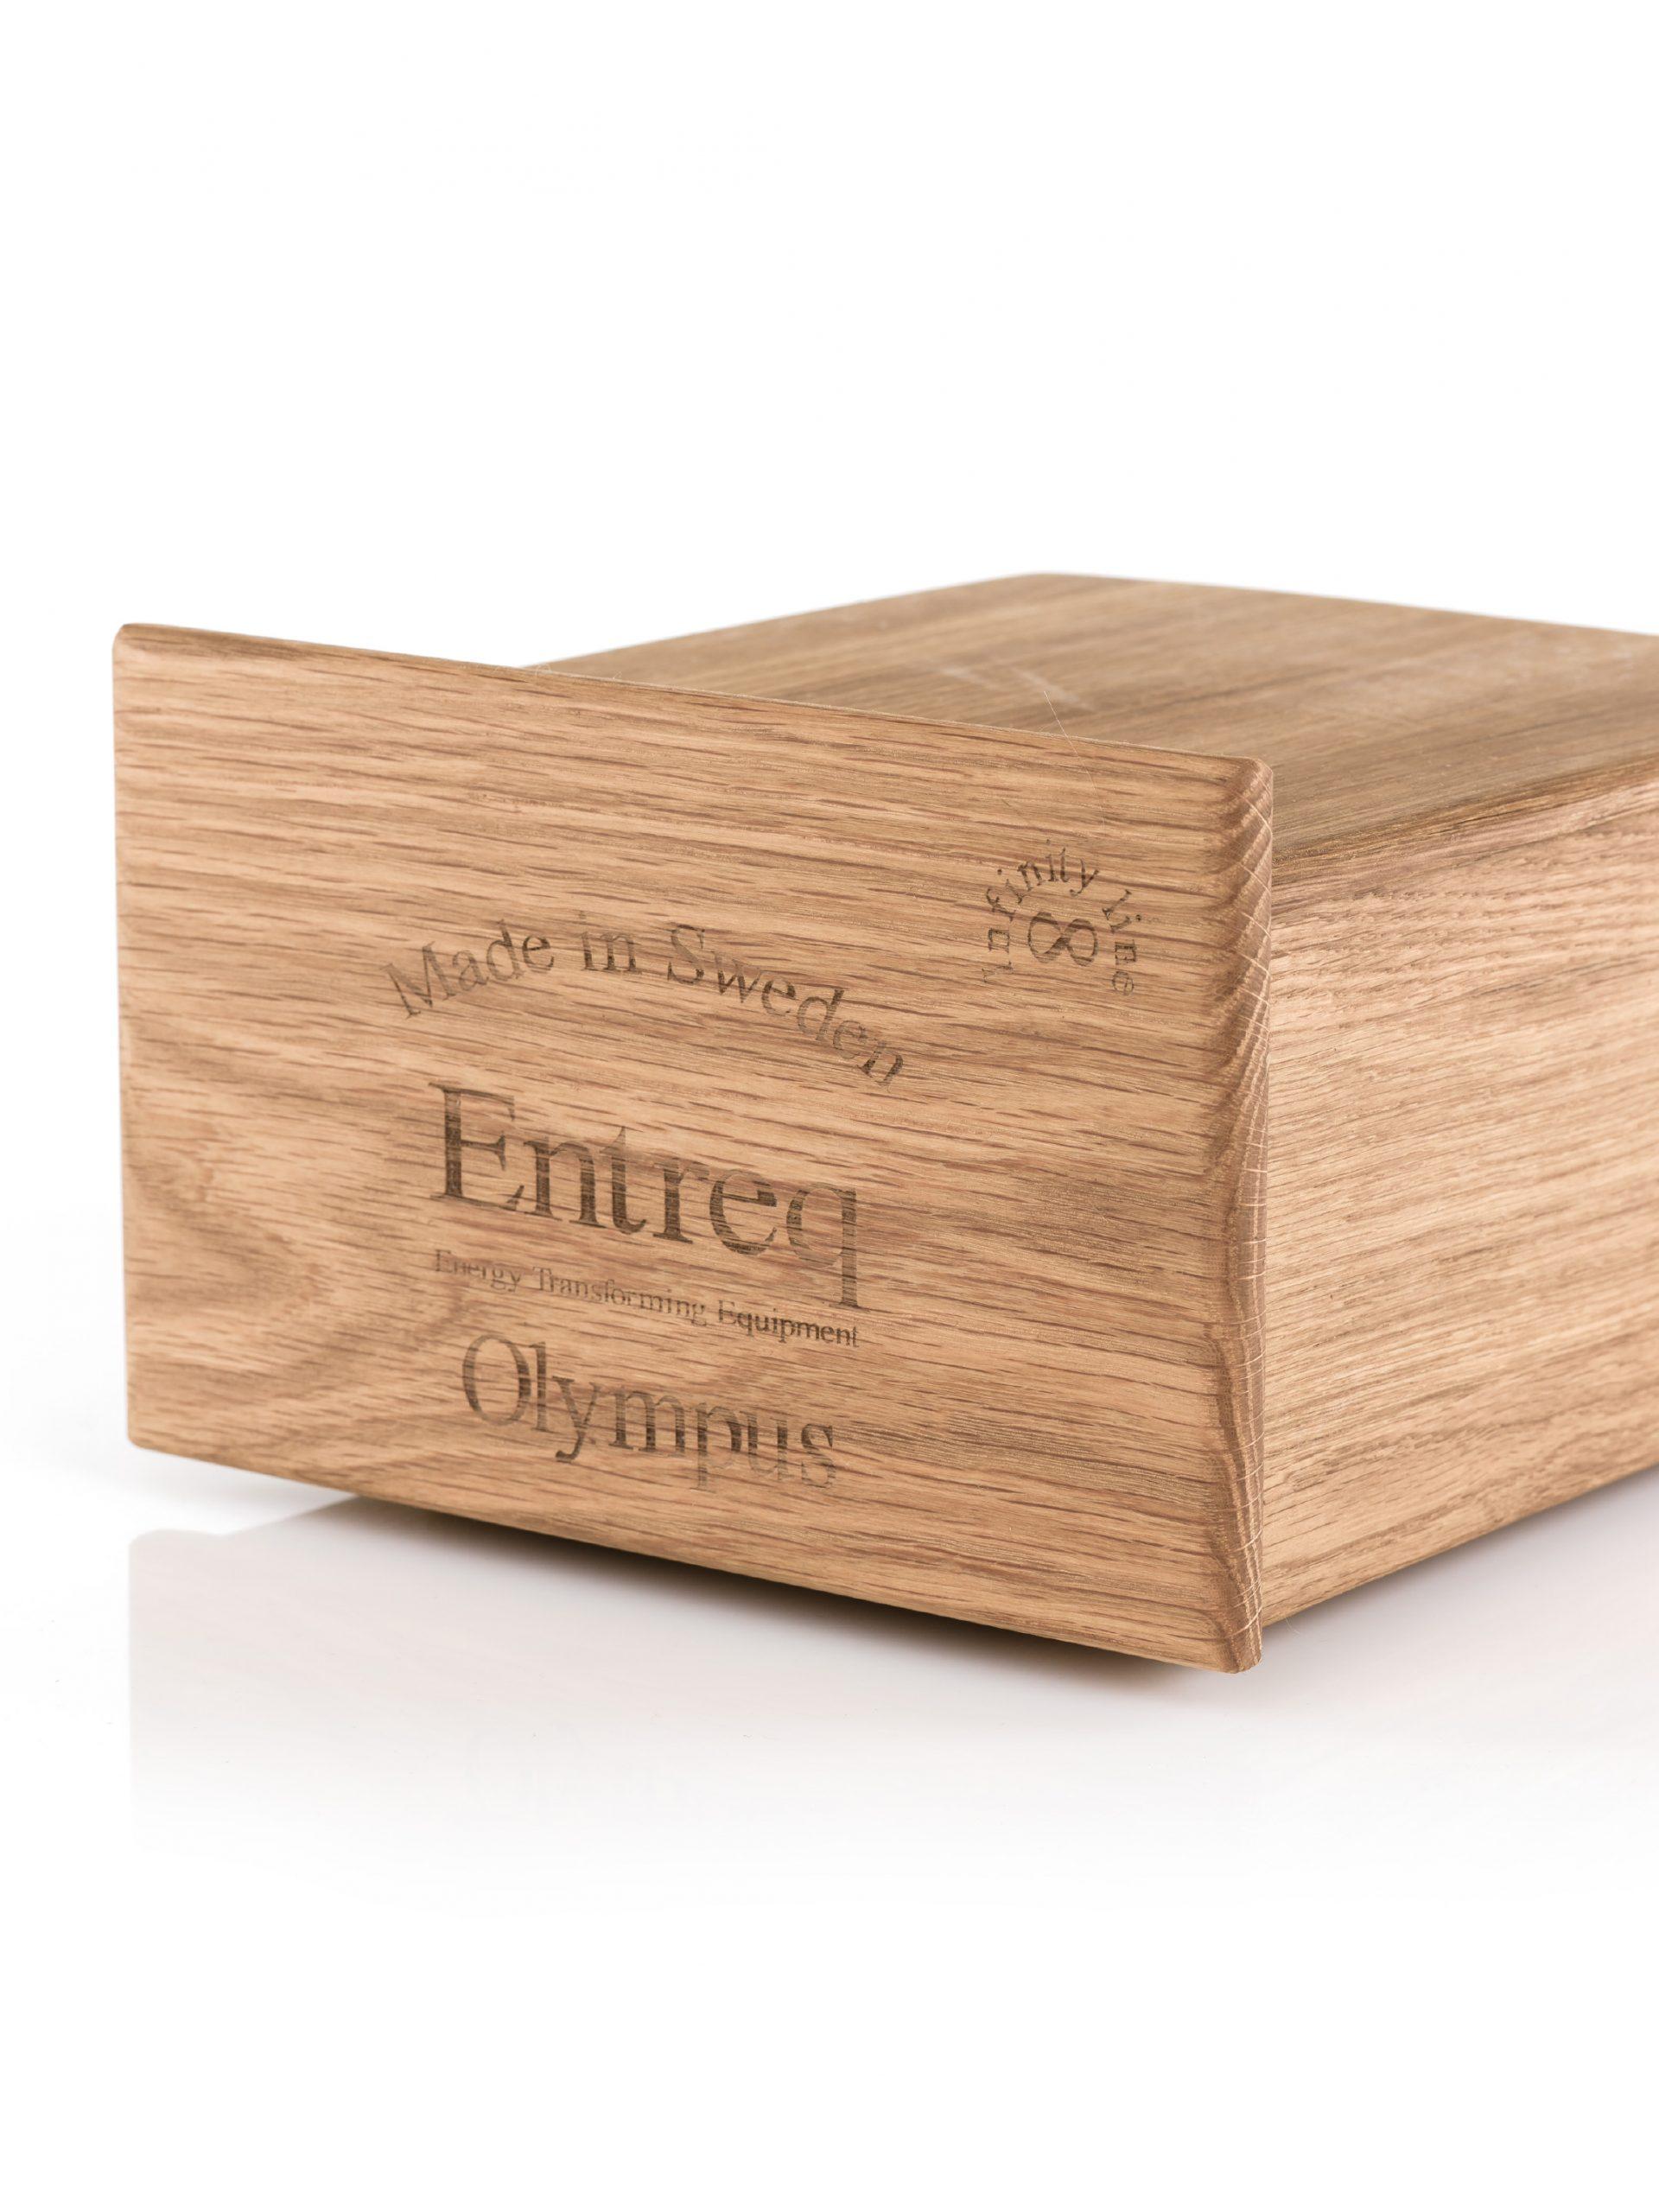 Entreq Olympus Infinity